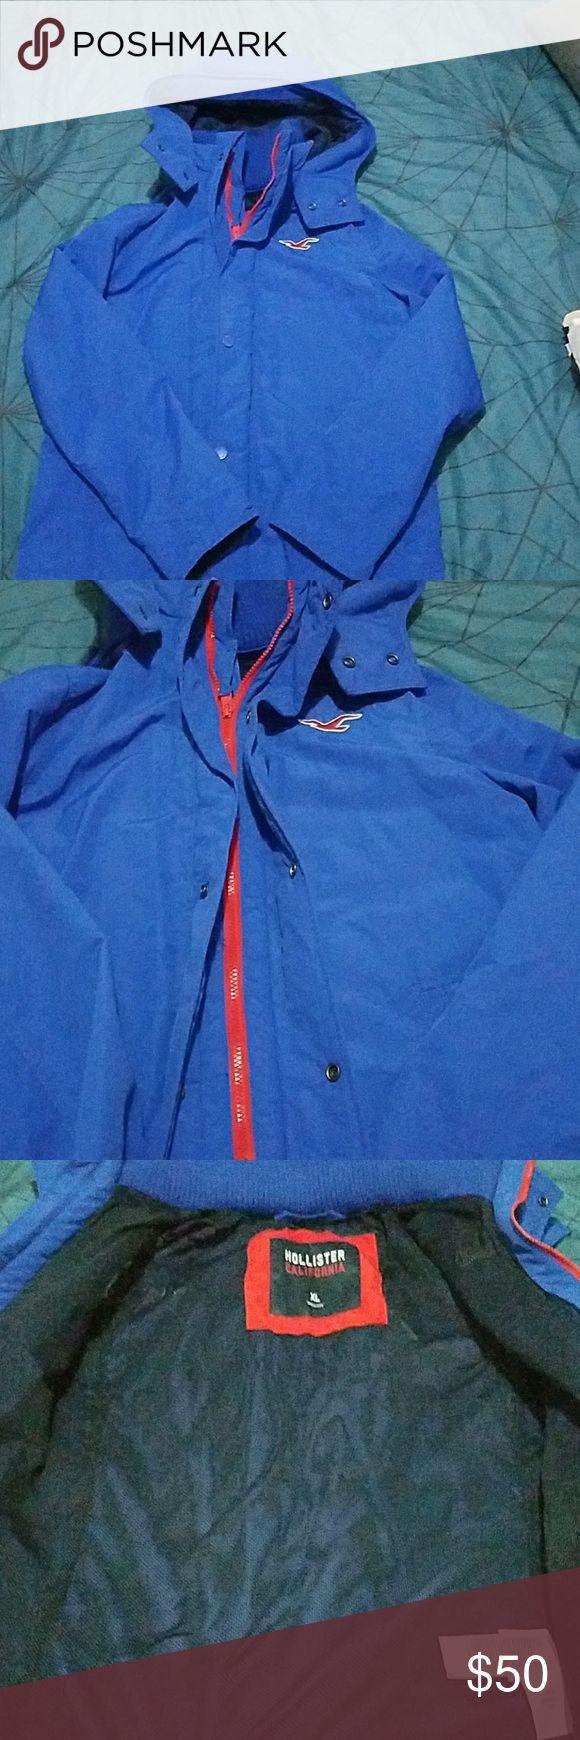 Hollister jacket Hollister jacket Hollister Jackets & Coats Lightweight & Shirt Jackets